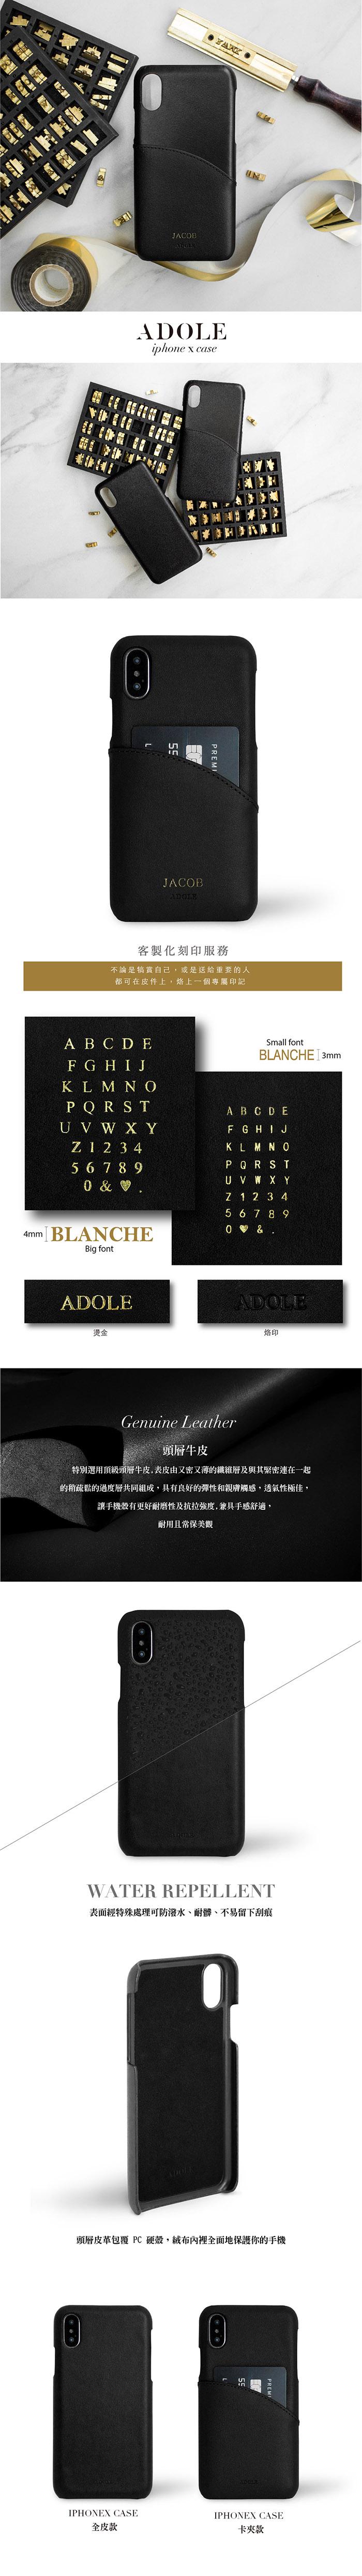 (複製)可刻字iPhone X 5.8吋真皮防潑水手機殼-摩卡